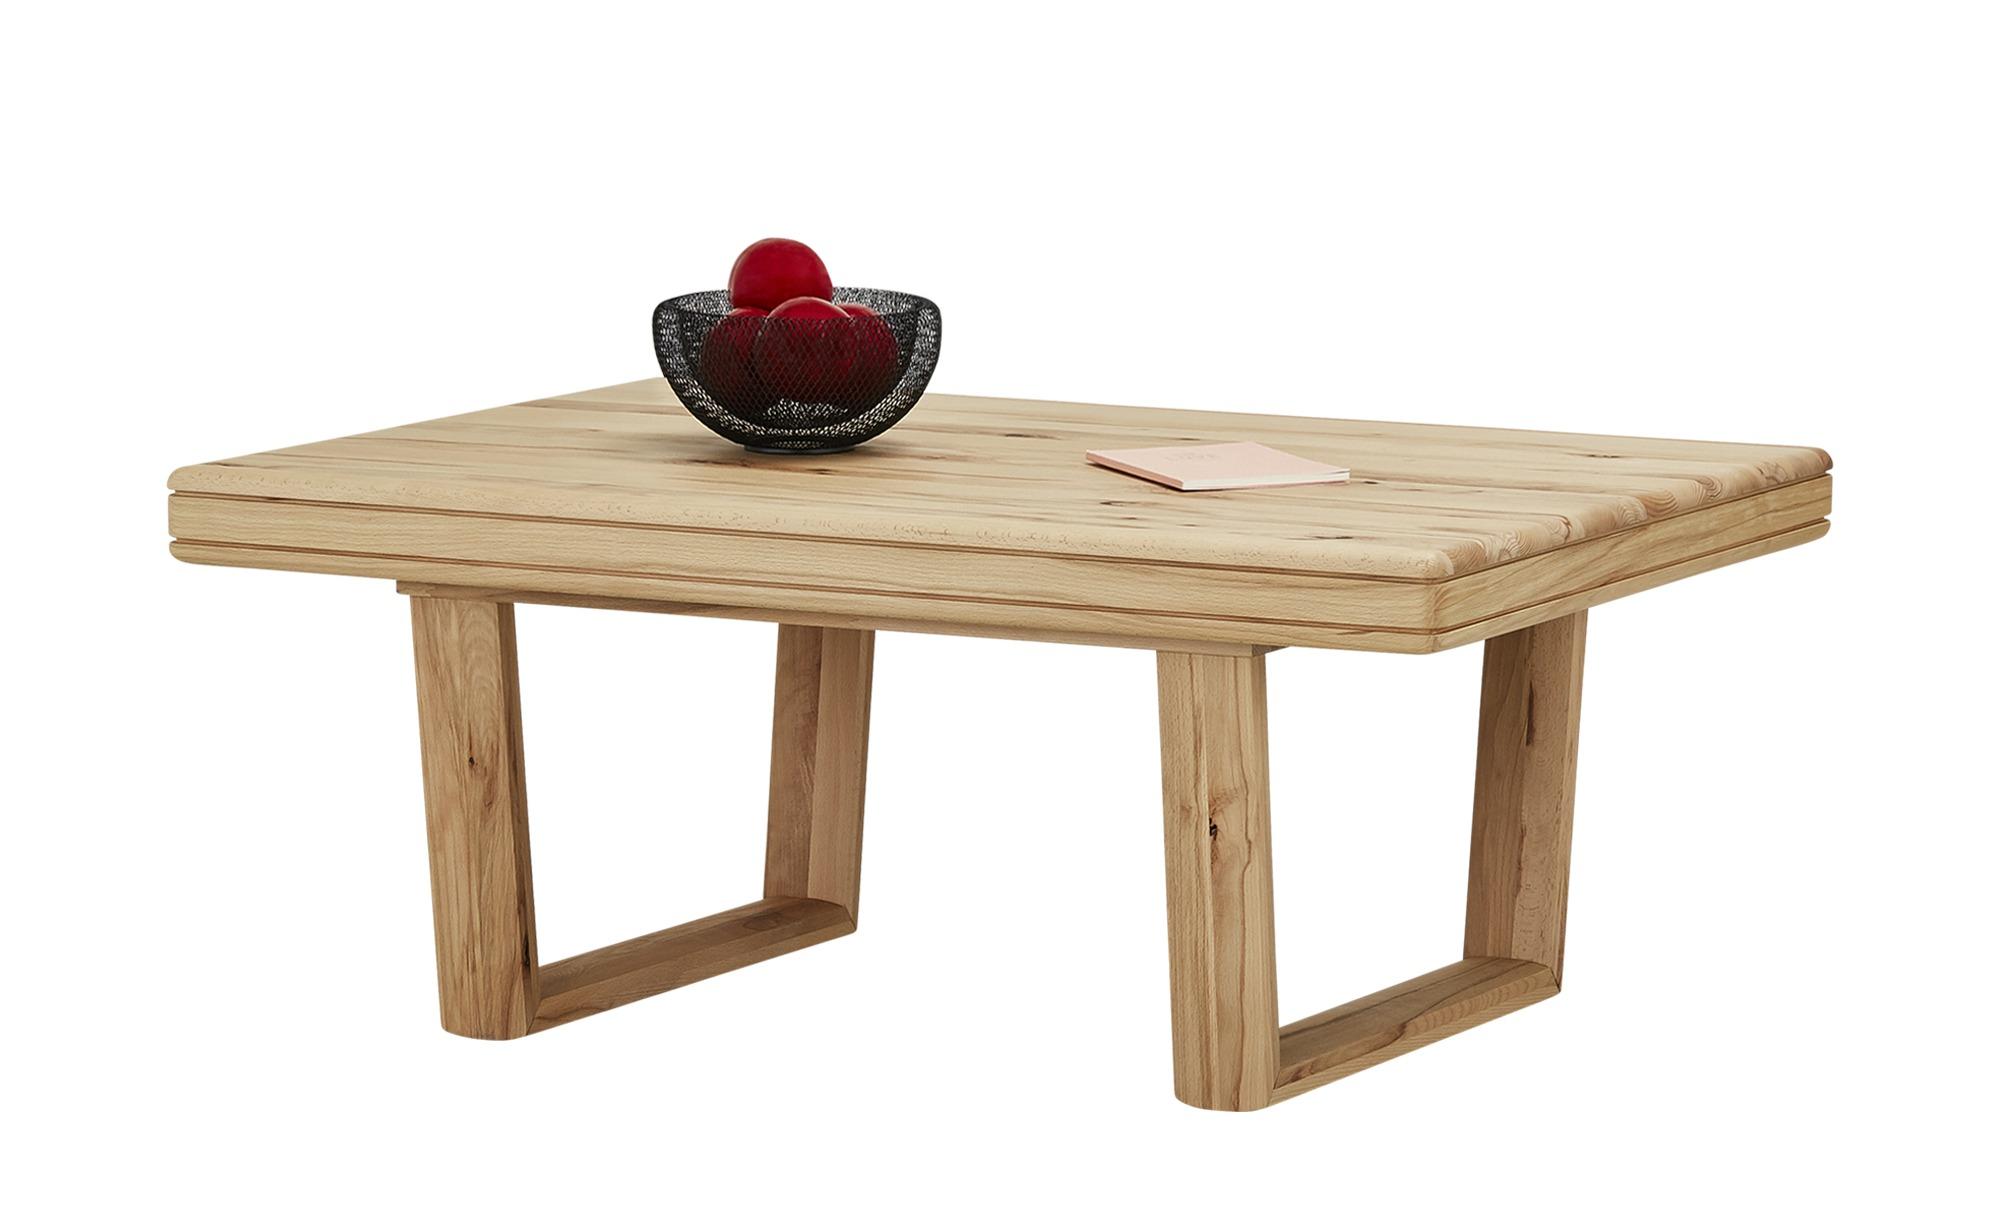 Westerburg Couchtisch  Kvik ¦ holzfarben ¦ Maße (cm): B: 120 H: 45 T: 80 Tische > Couchtische > Couchtisch Massivholz - Höffner